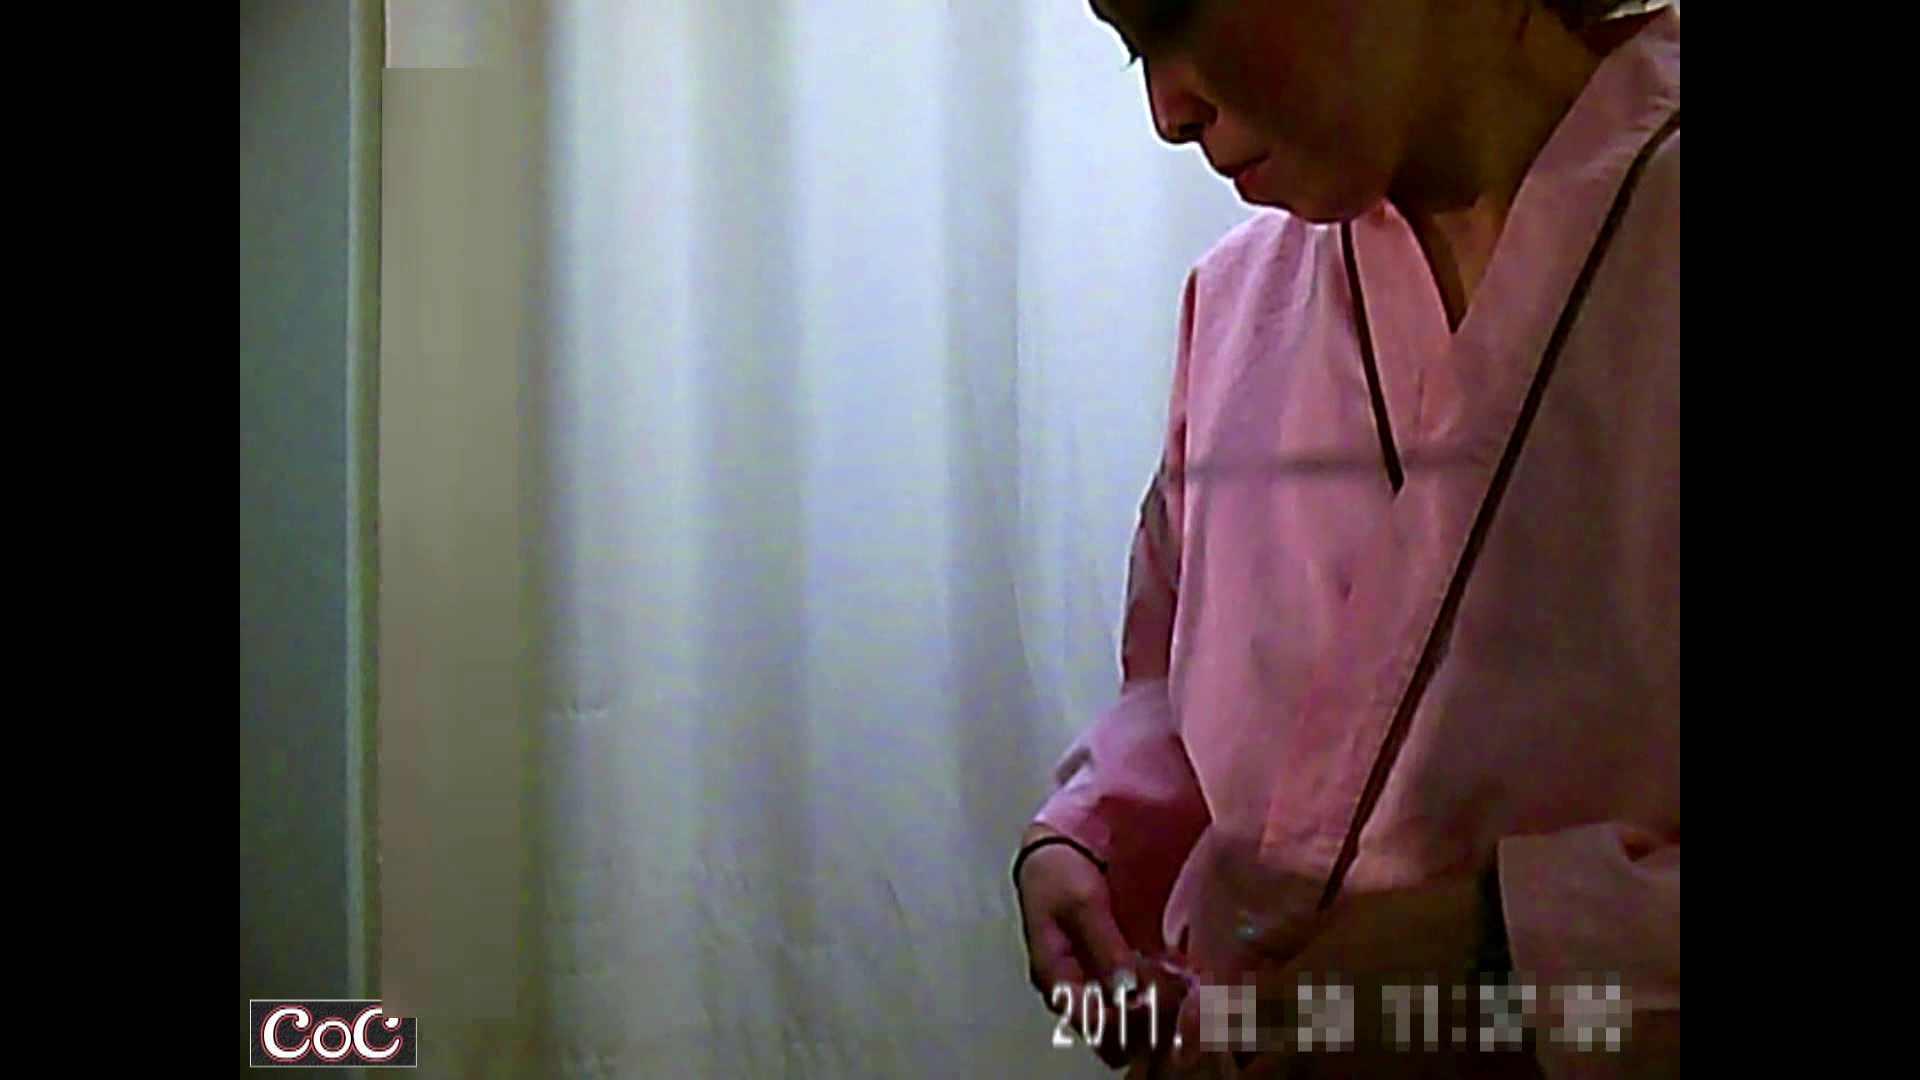 元医者による反抗 更衣室地獄絵巻 vol.295 OLハメ撮り  49Pix 28